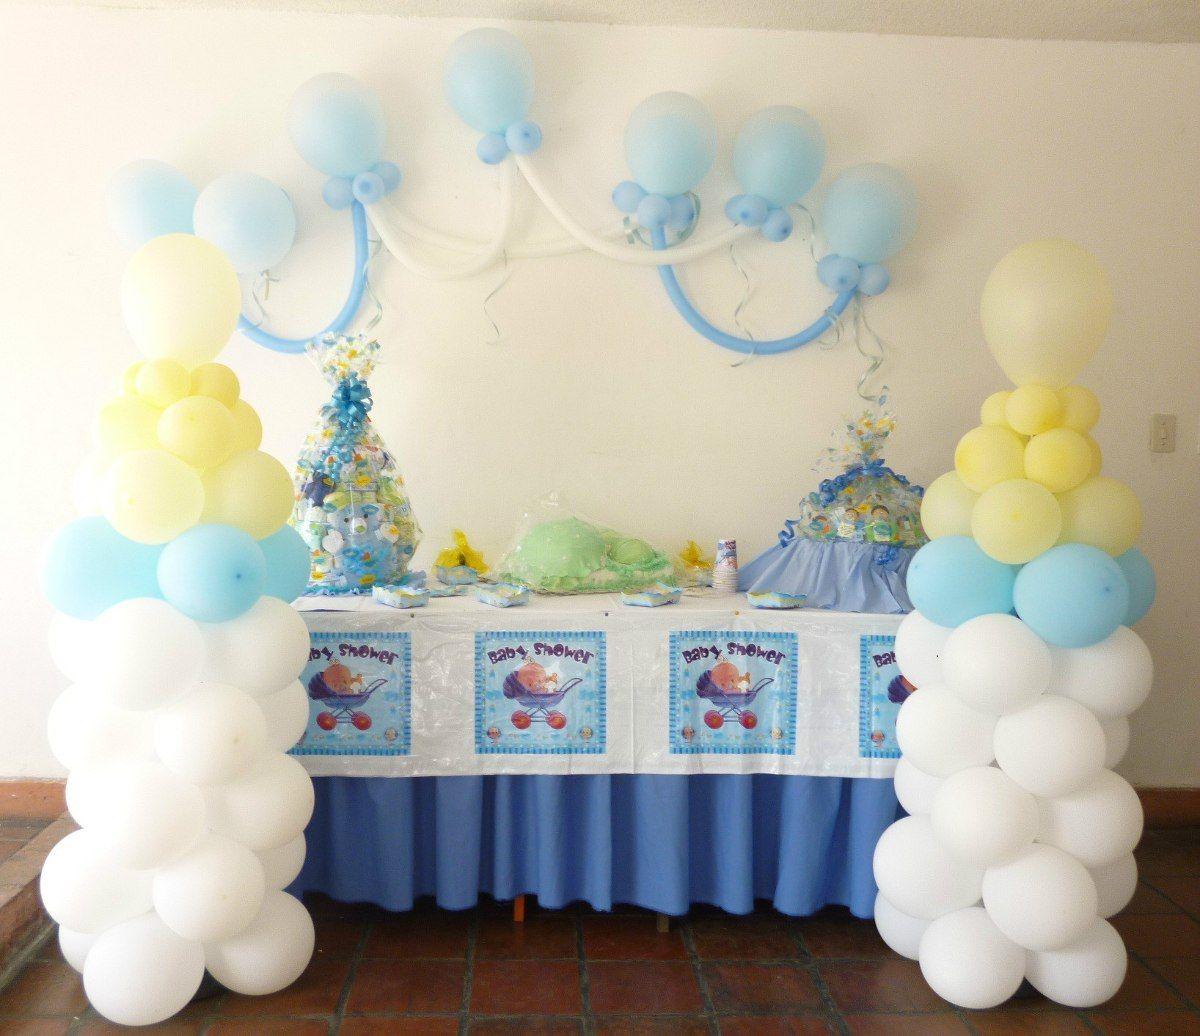 Decoracion Con Globos Para Fiestas Infantiles Sencillas Buscar Con Google Globos Para Fiestas Decoracion De Fiestas Infantiles Globos